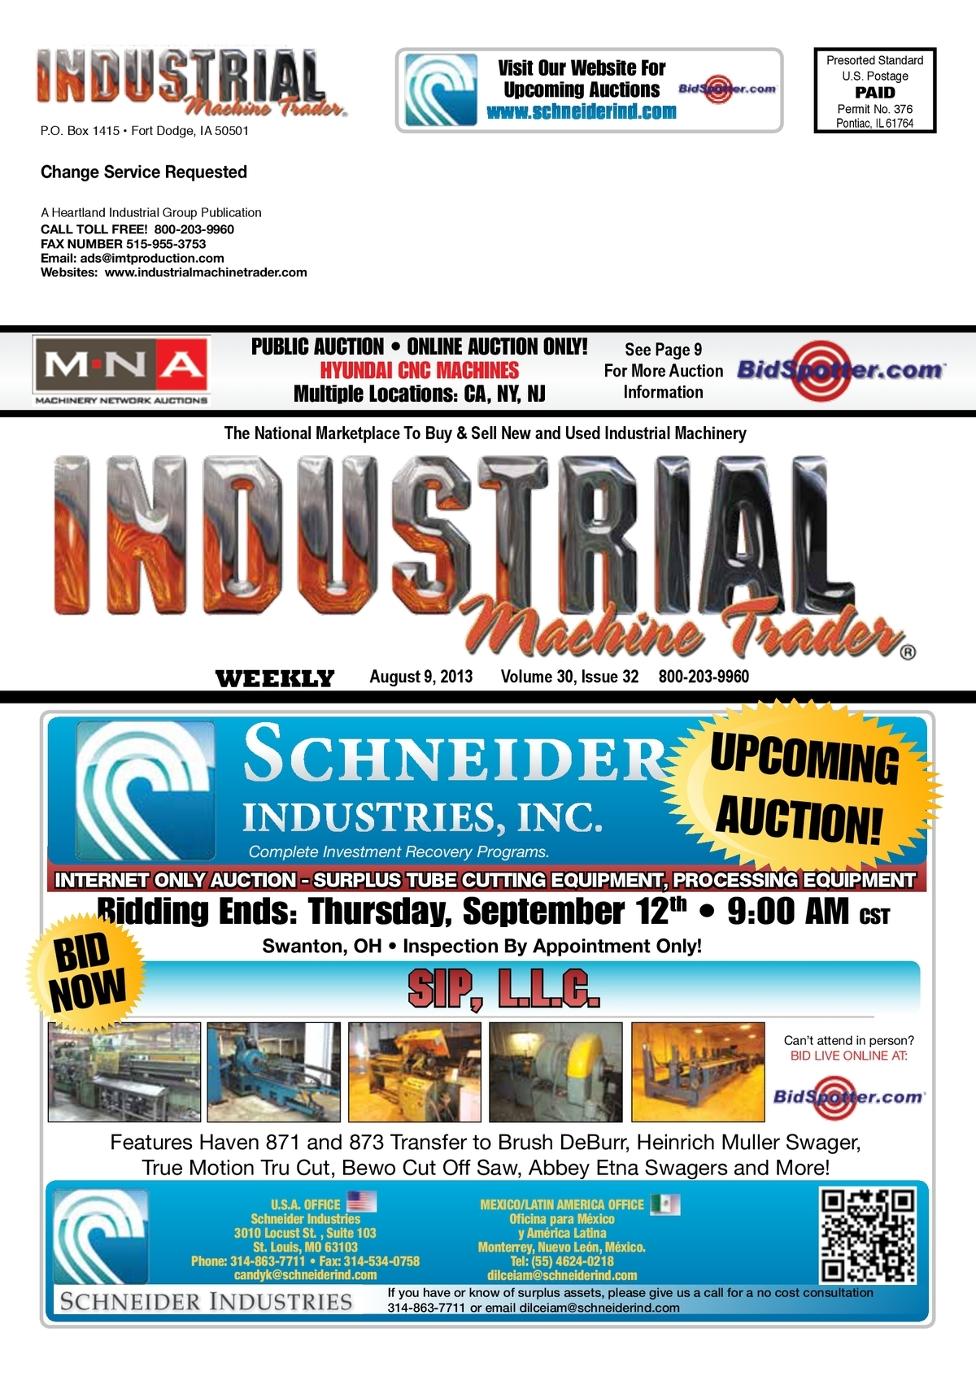 Industrial Machine Trader® August 9, 2013